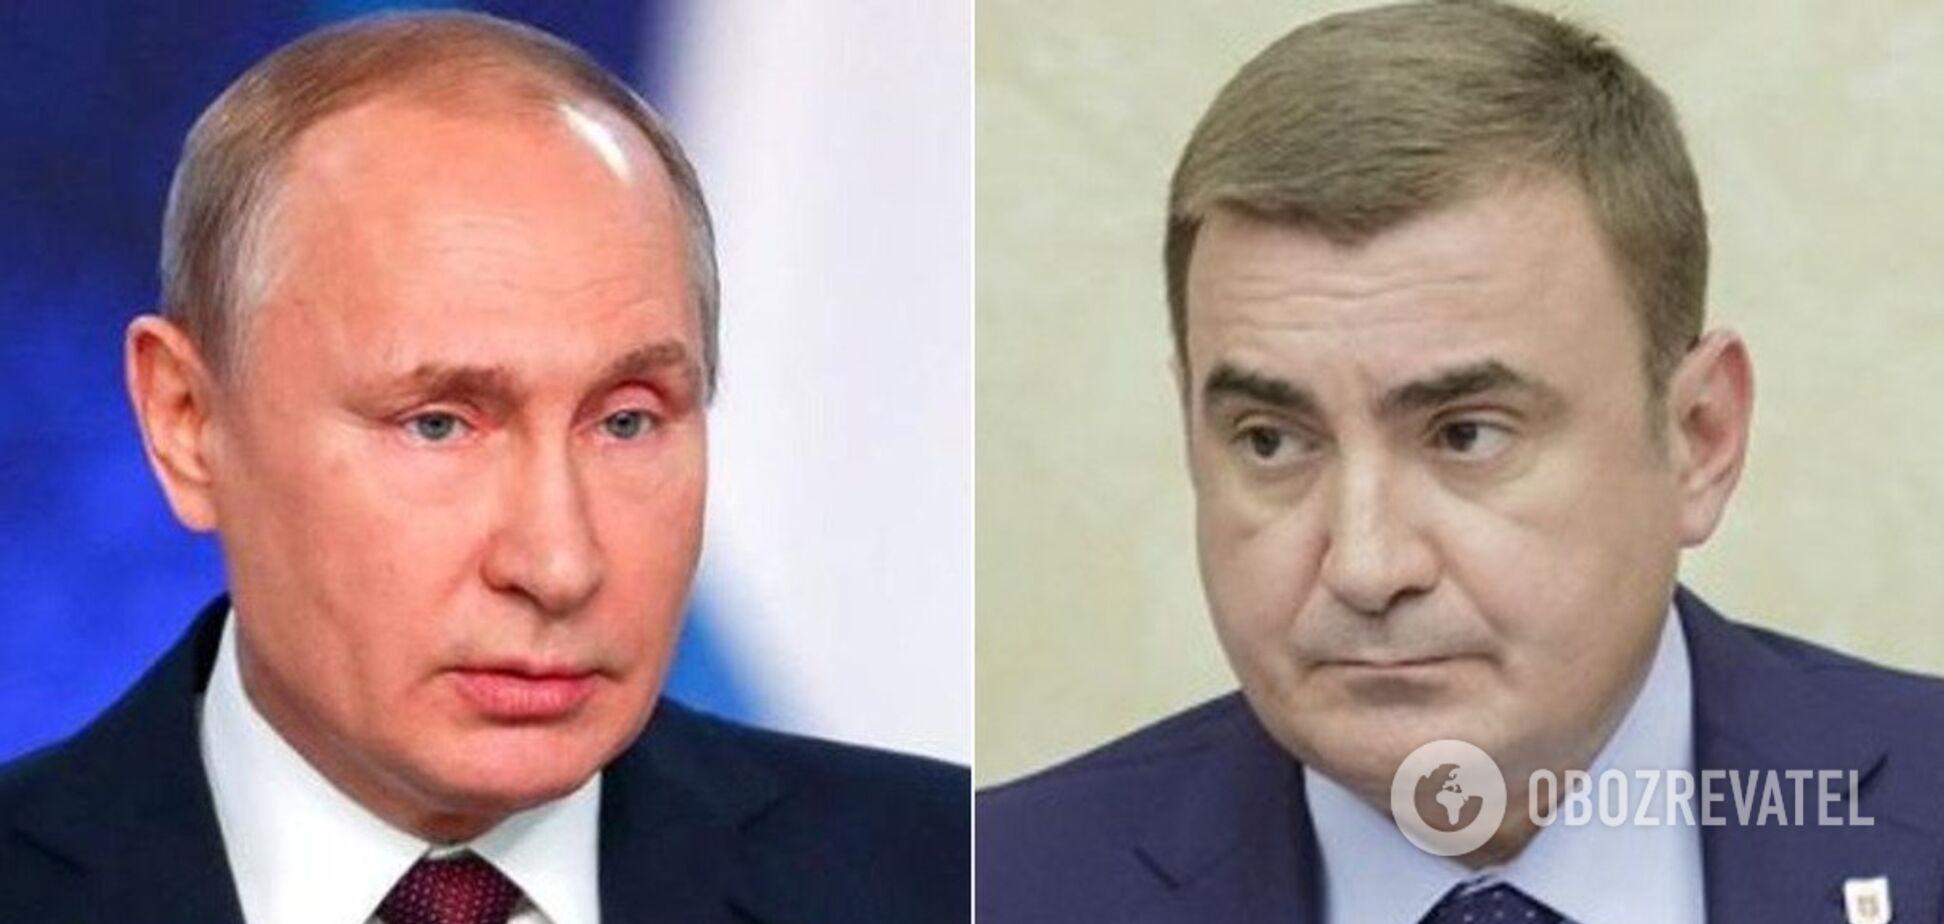 'Он сильнее Путина': назван преемник президента России после 2022 года